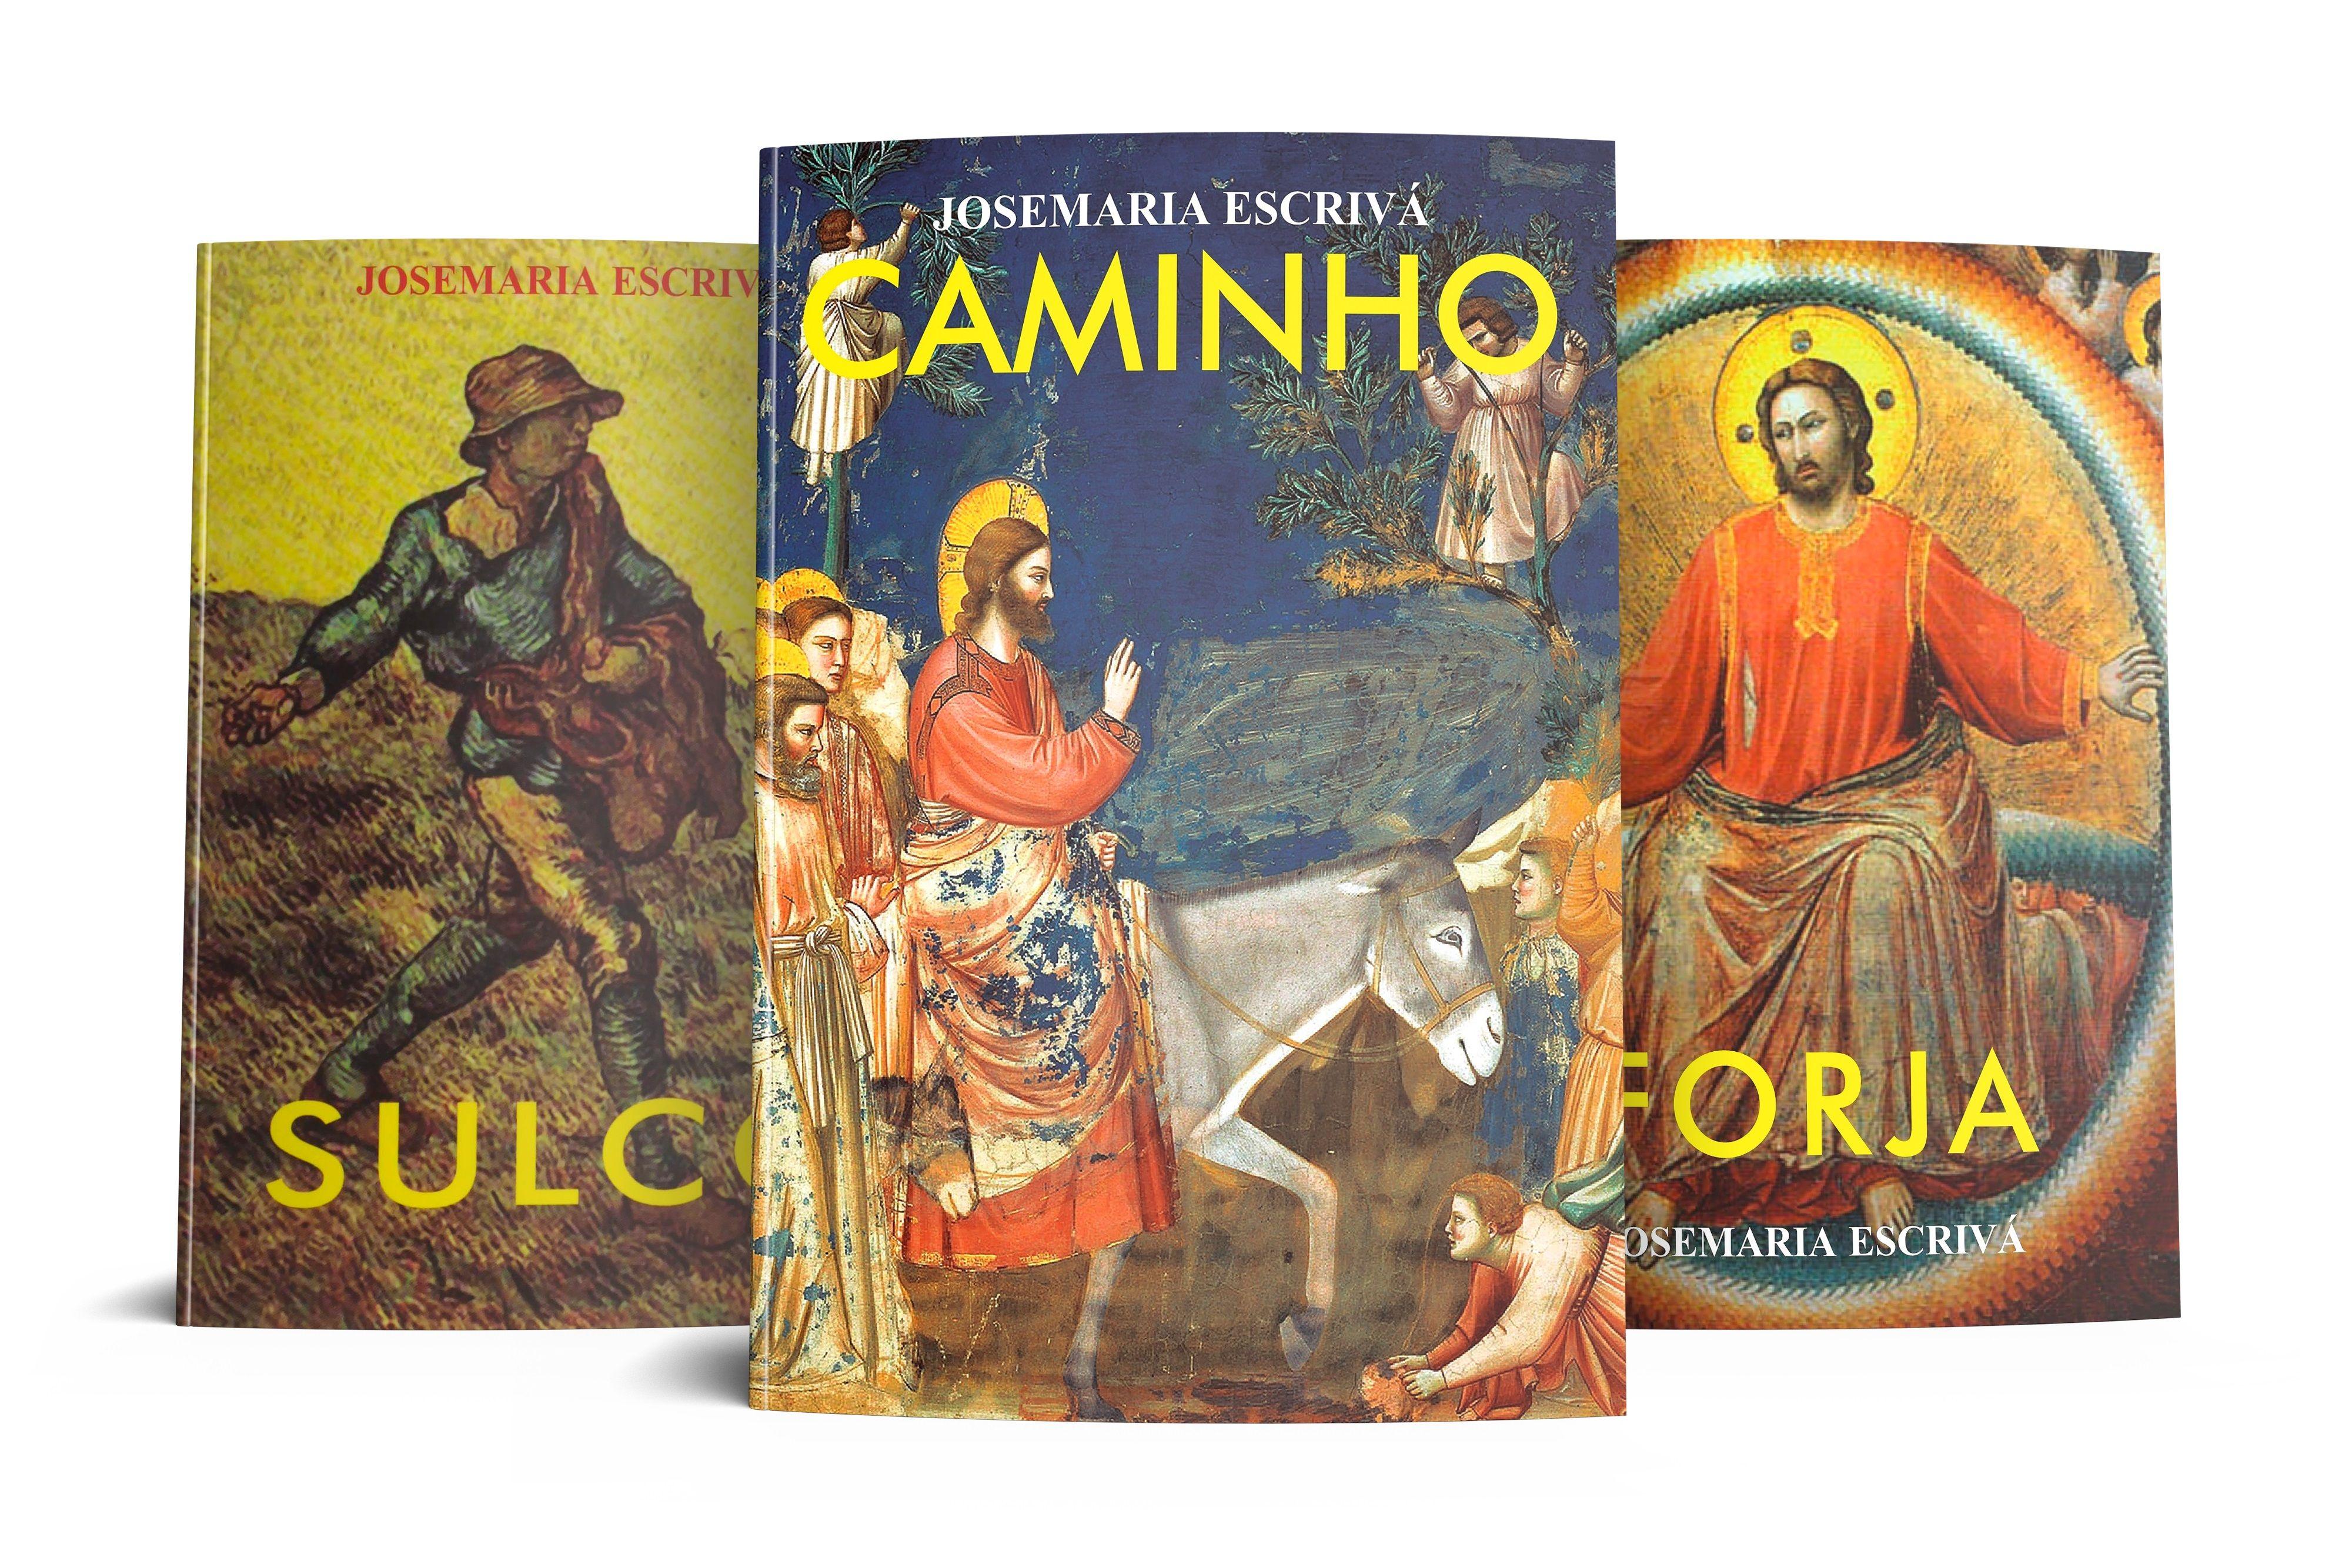 Coleção São Josemaria Escrivá: Classicos da meditação